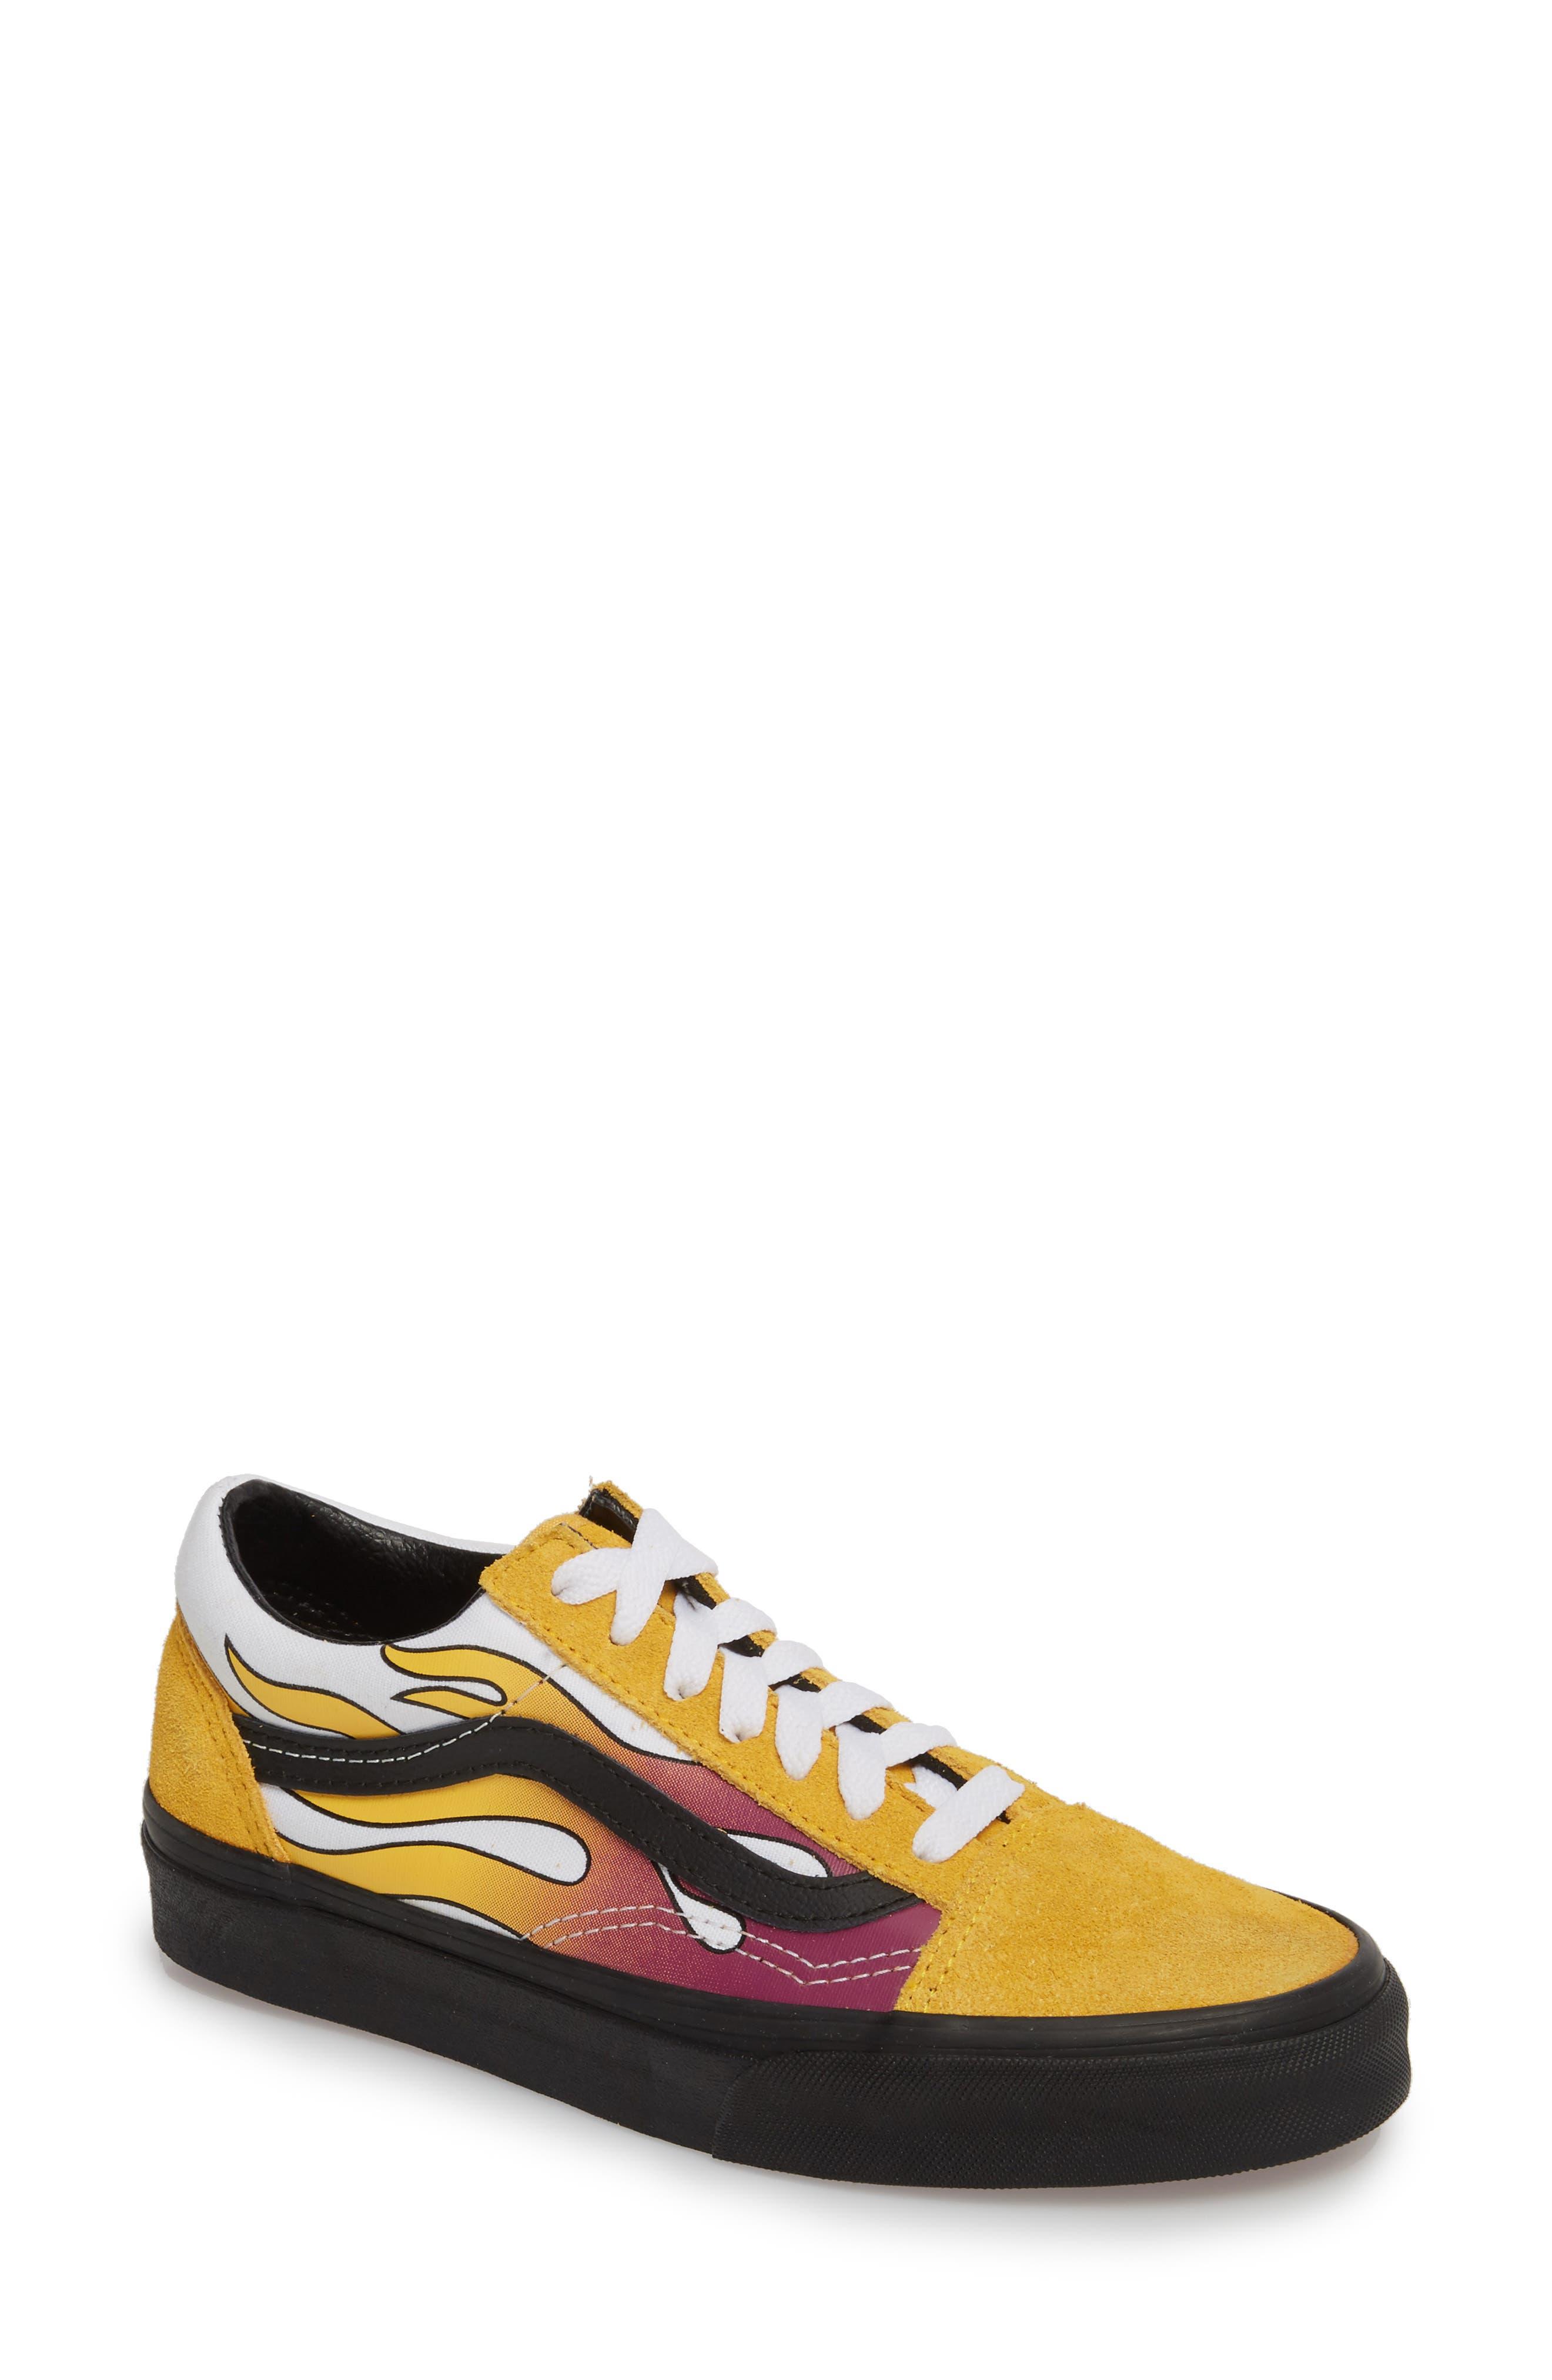 yellow vans womens